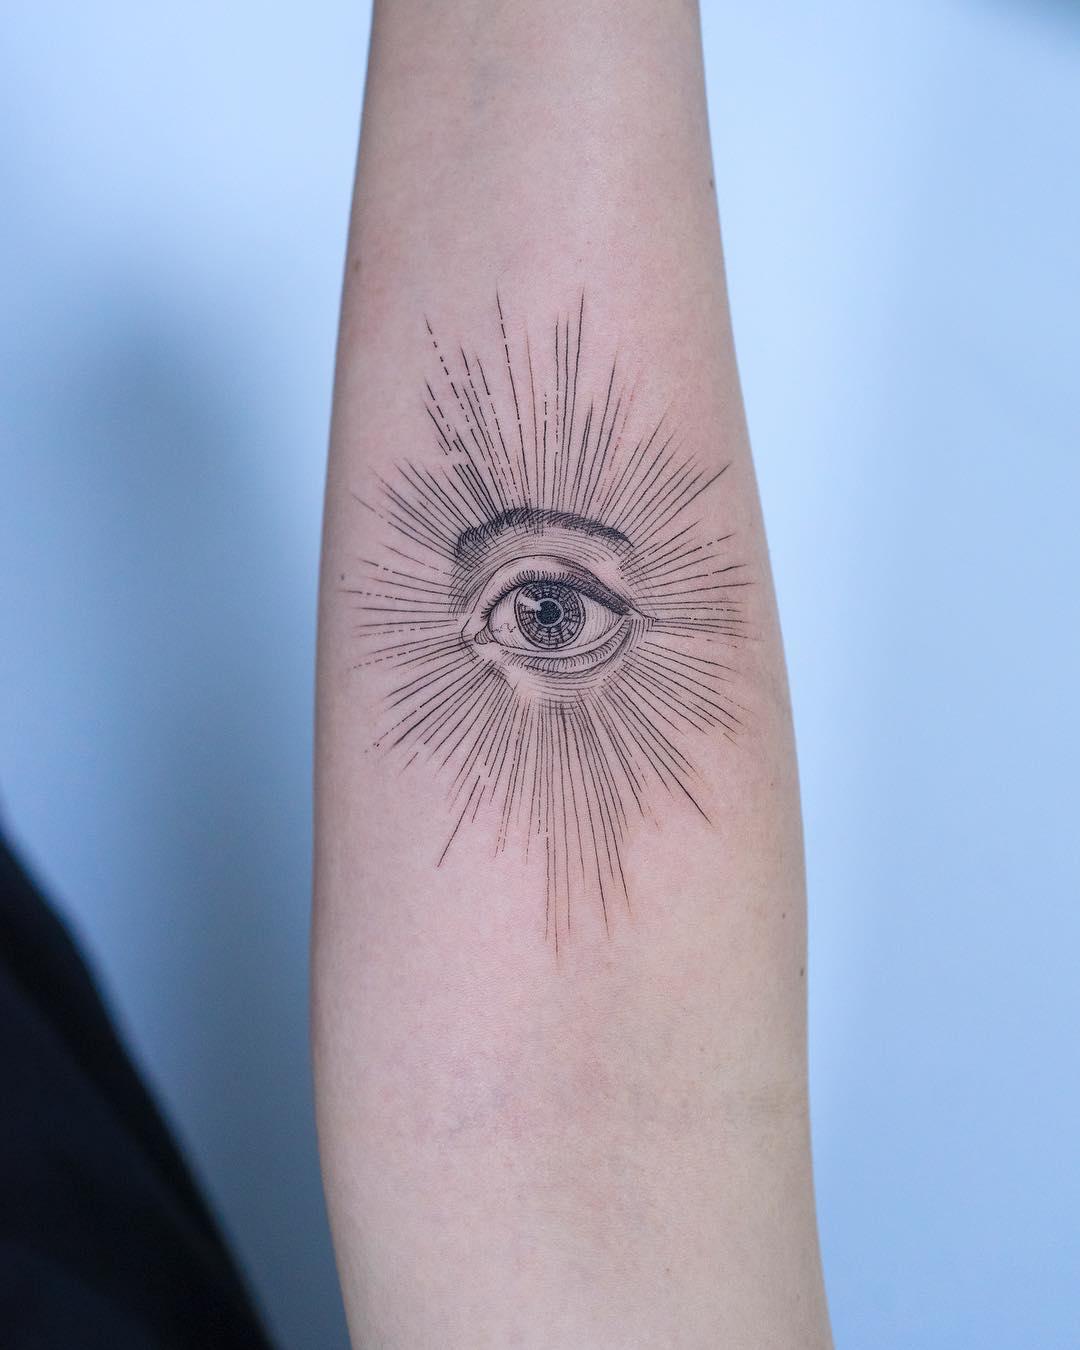 All-seeing-eye by tattooist Oozy